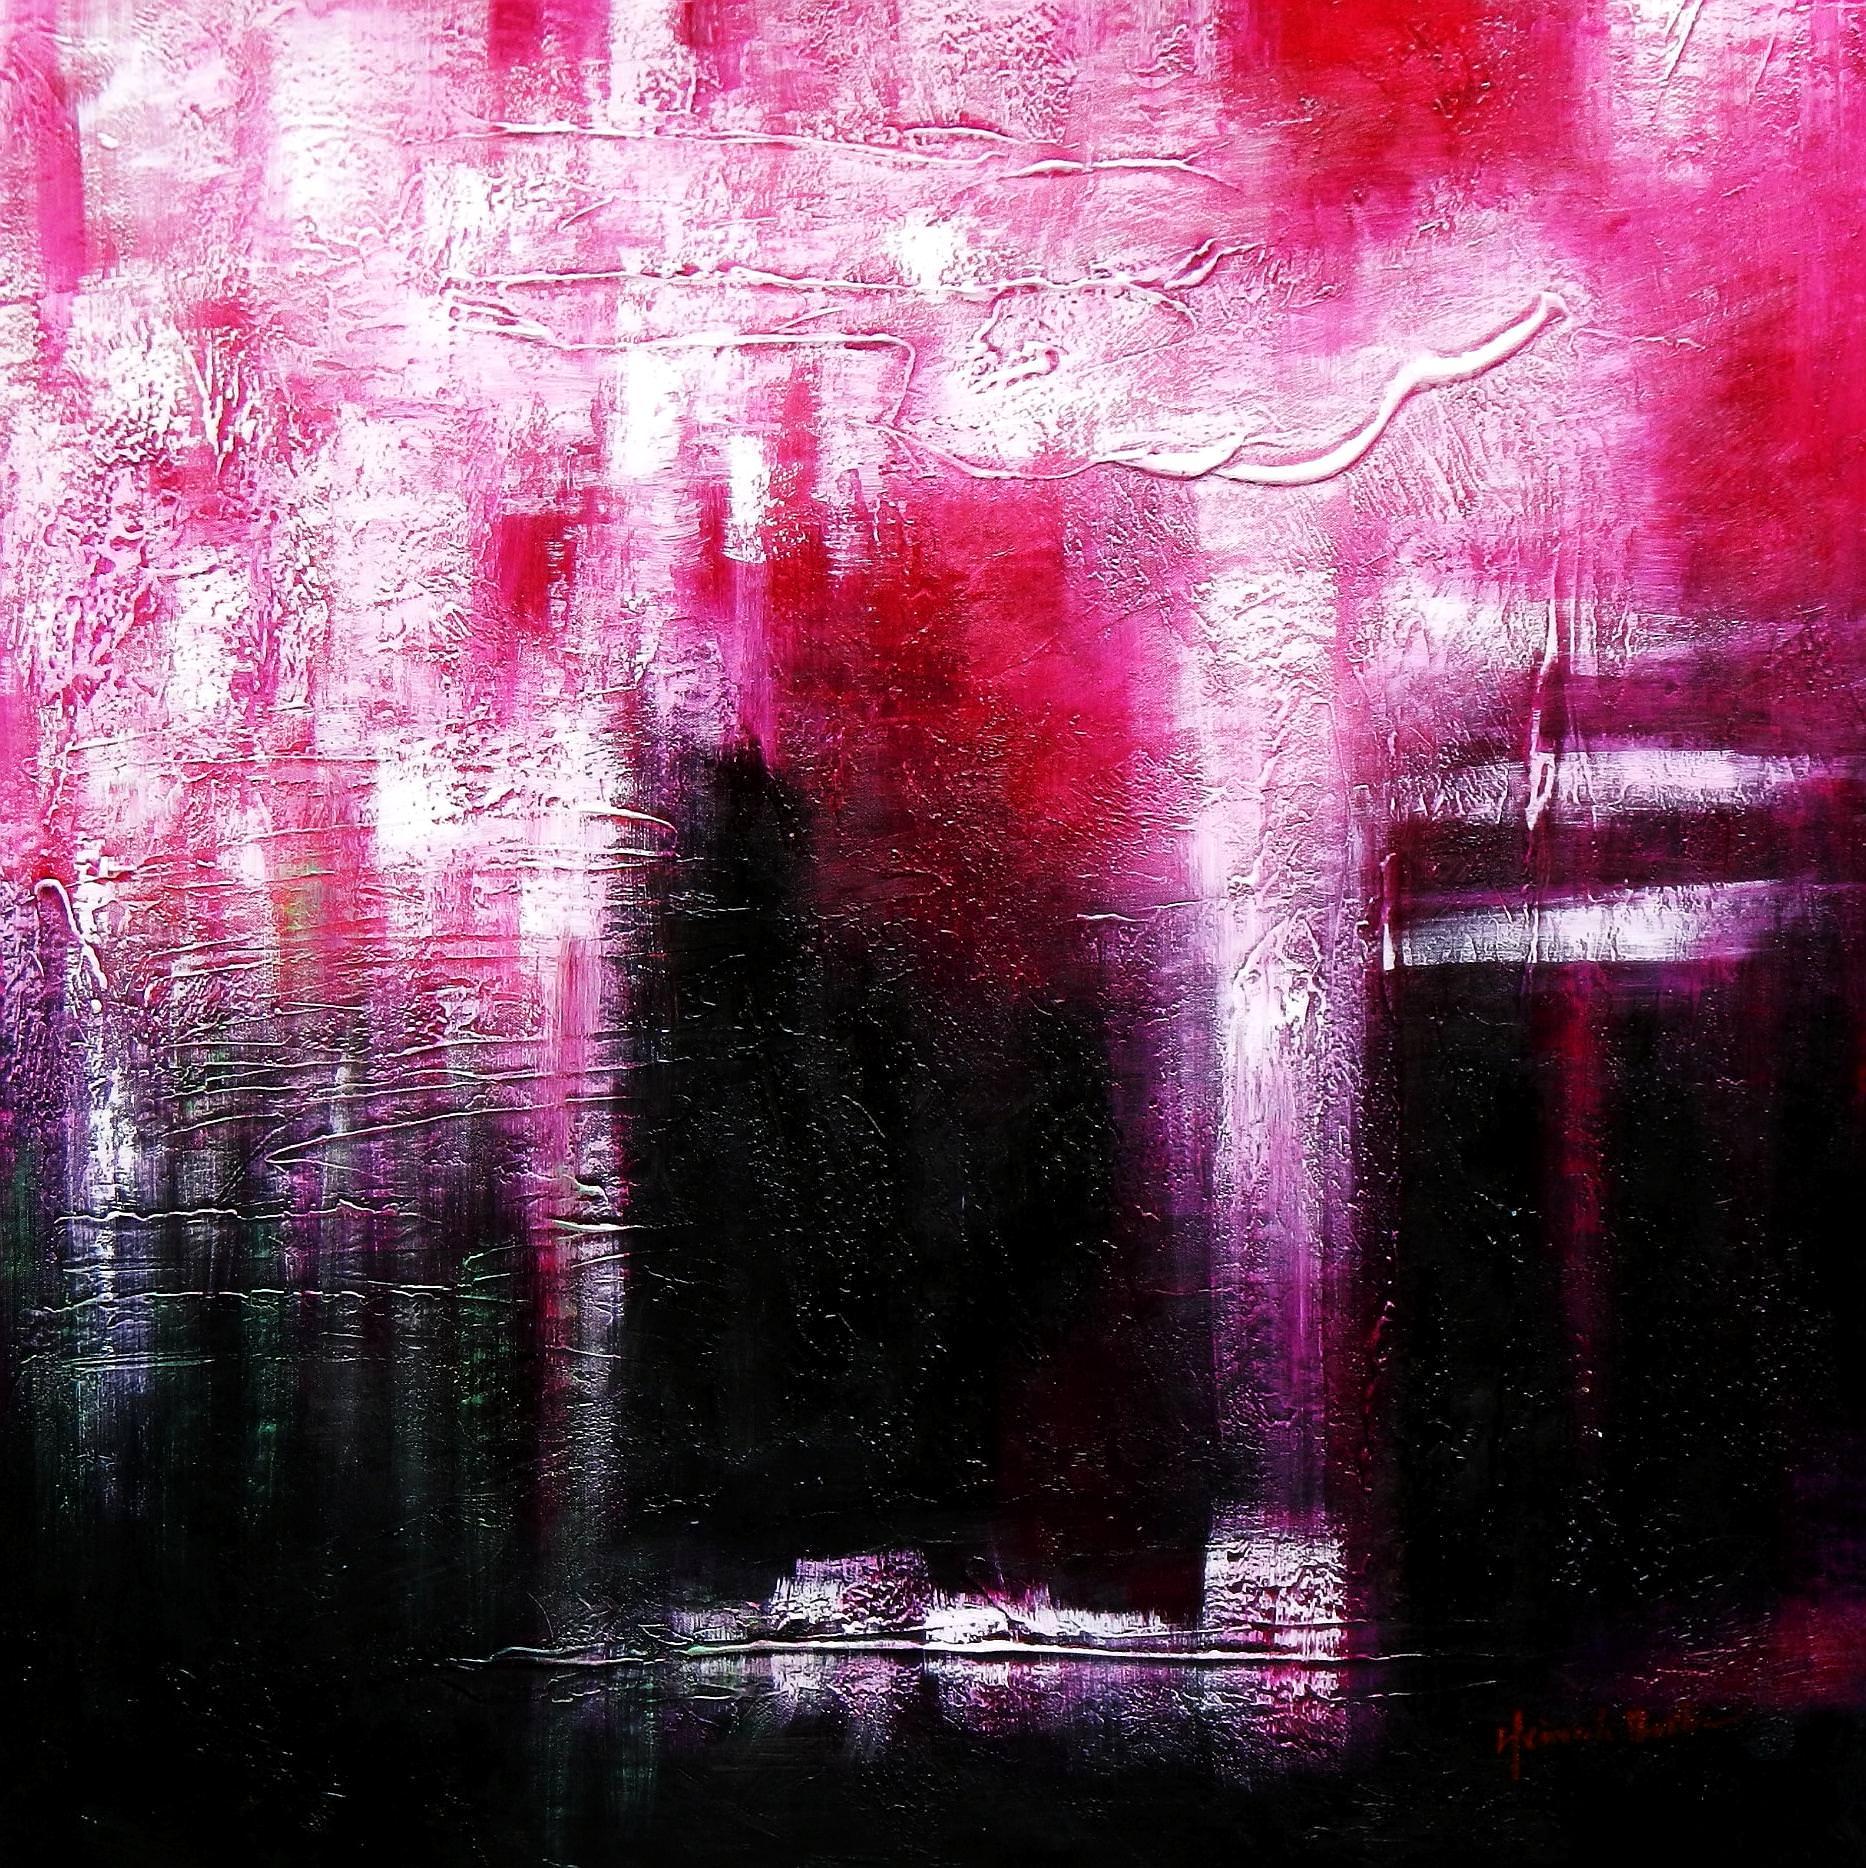 Abstrakt - Himmlisches Licht g92948 80x80cm abstraktes Ölbild handgemalt